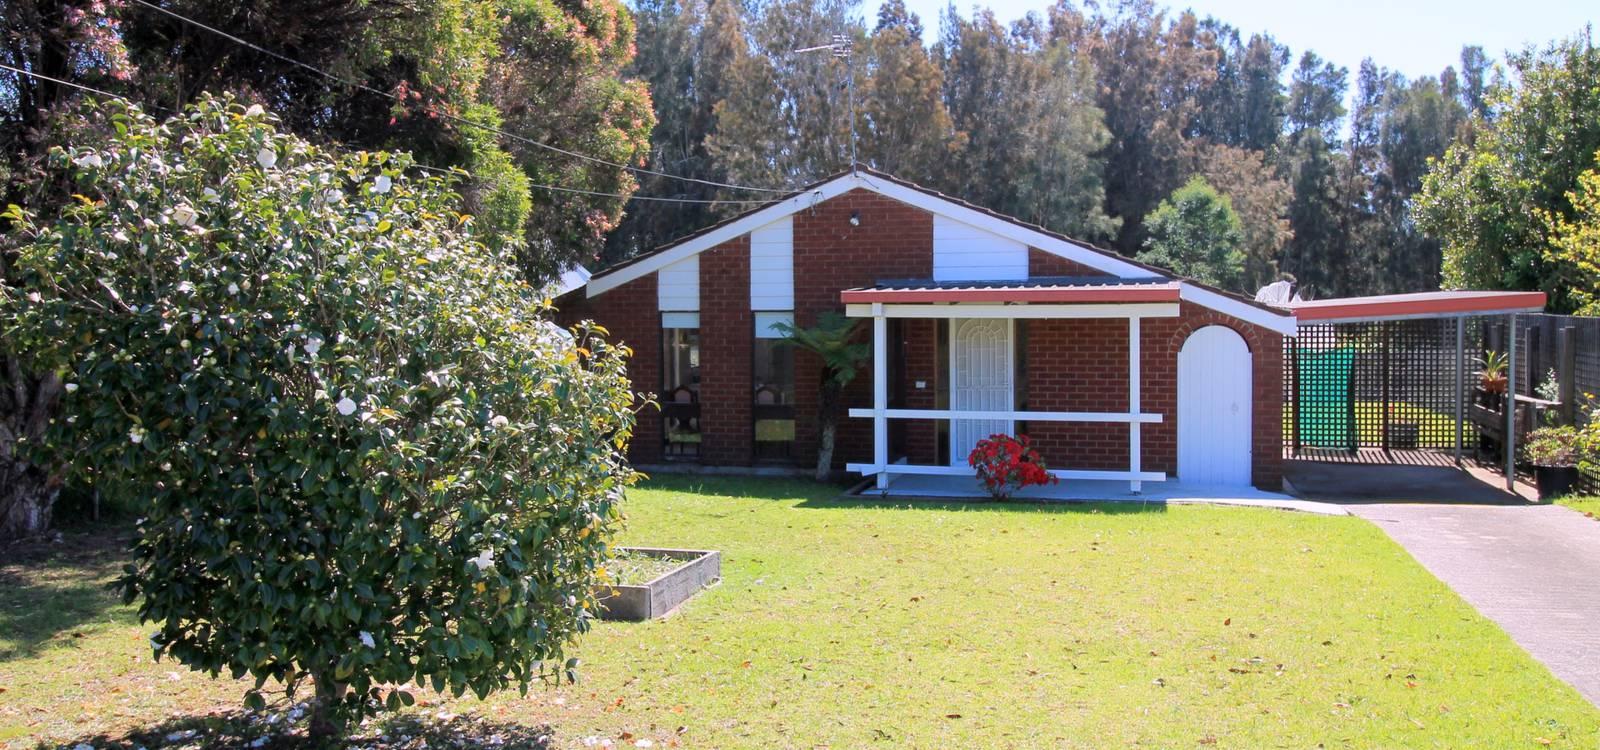 6 Andrew Avenue TUROSS HEAD, NSW 2537 - photo 1